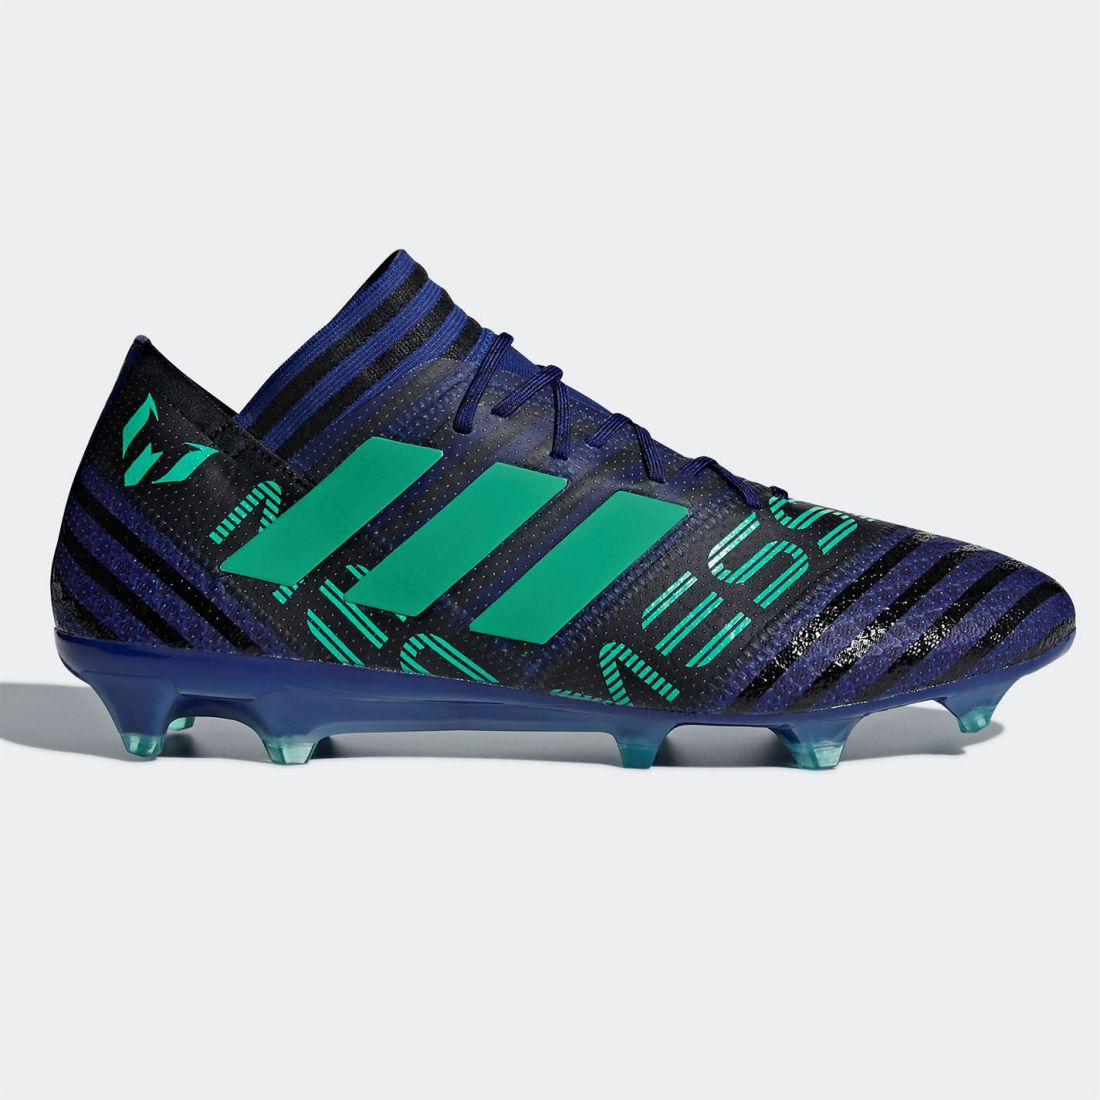 6d97417f0 adidas Nemeziz Messi 17.1 FG Football Boots Mens Gents Firm ...